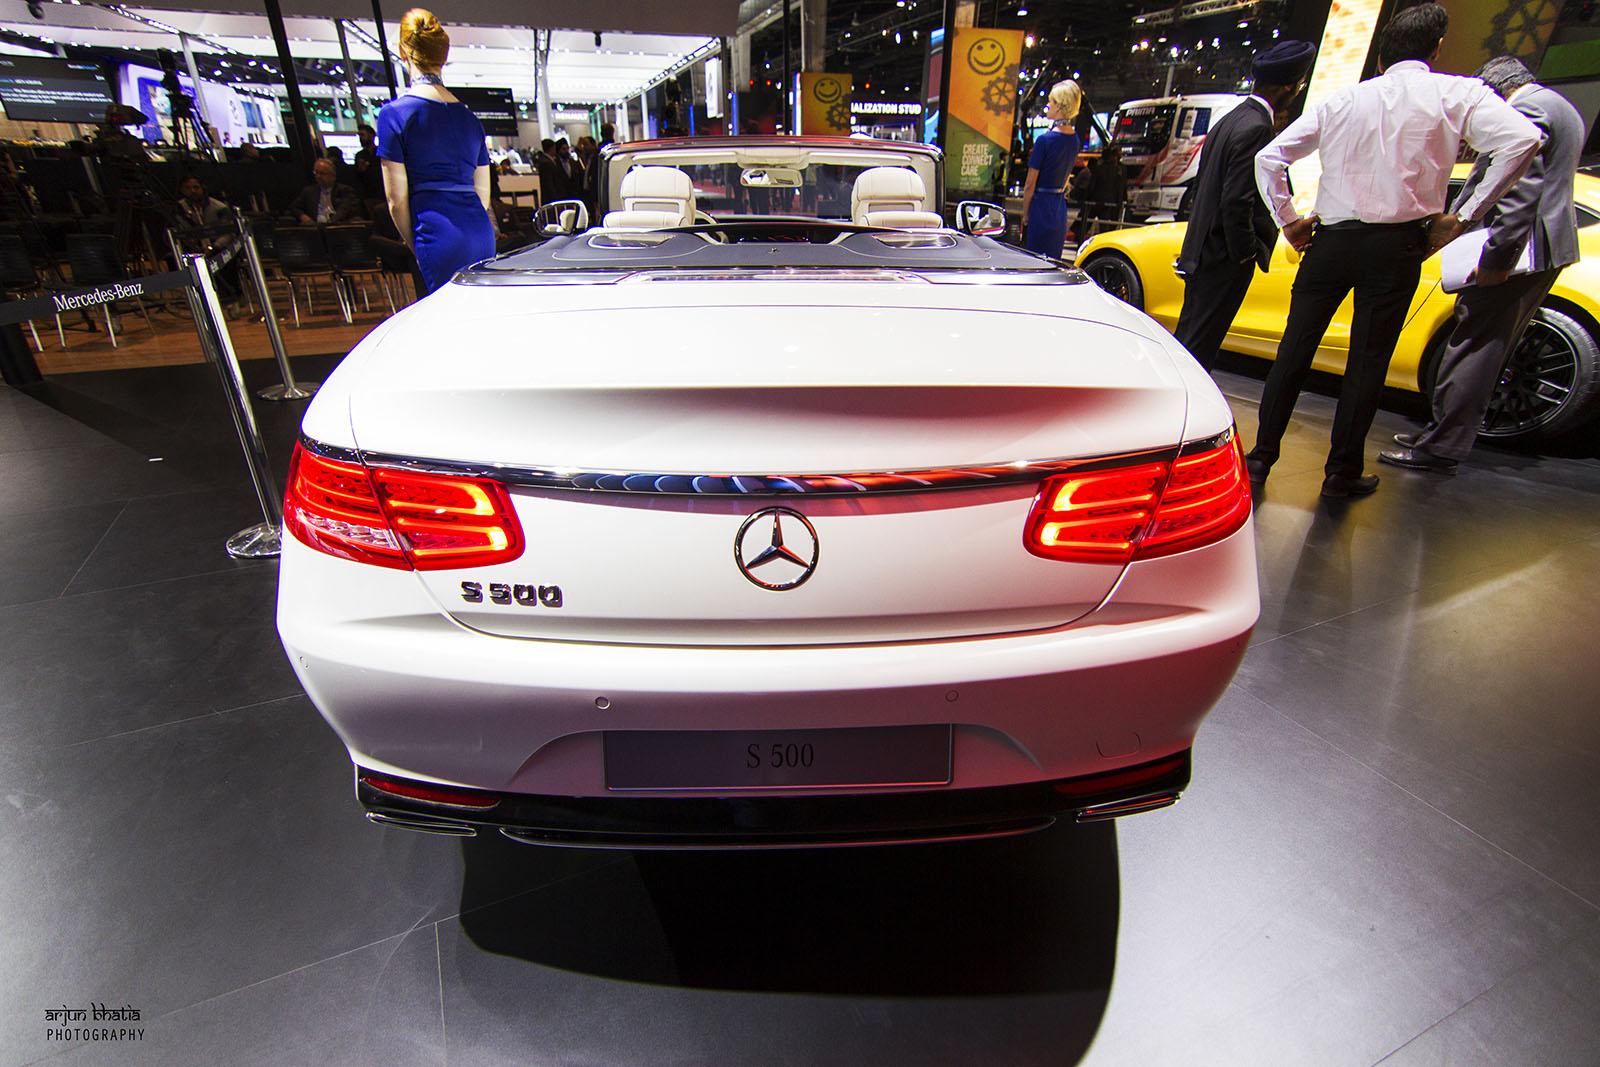 Mercedes-Benz S-Class Cabriolet Delhi Auto Expo 2016 1